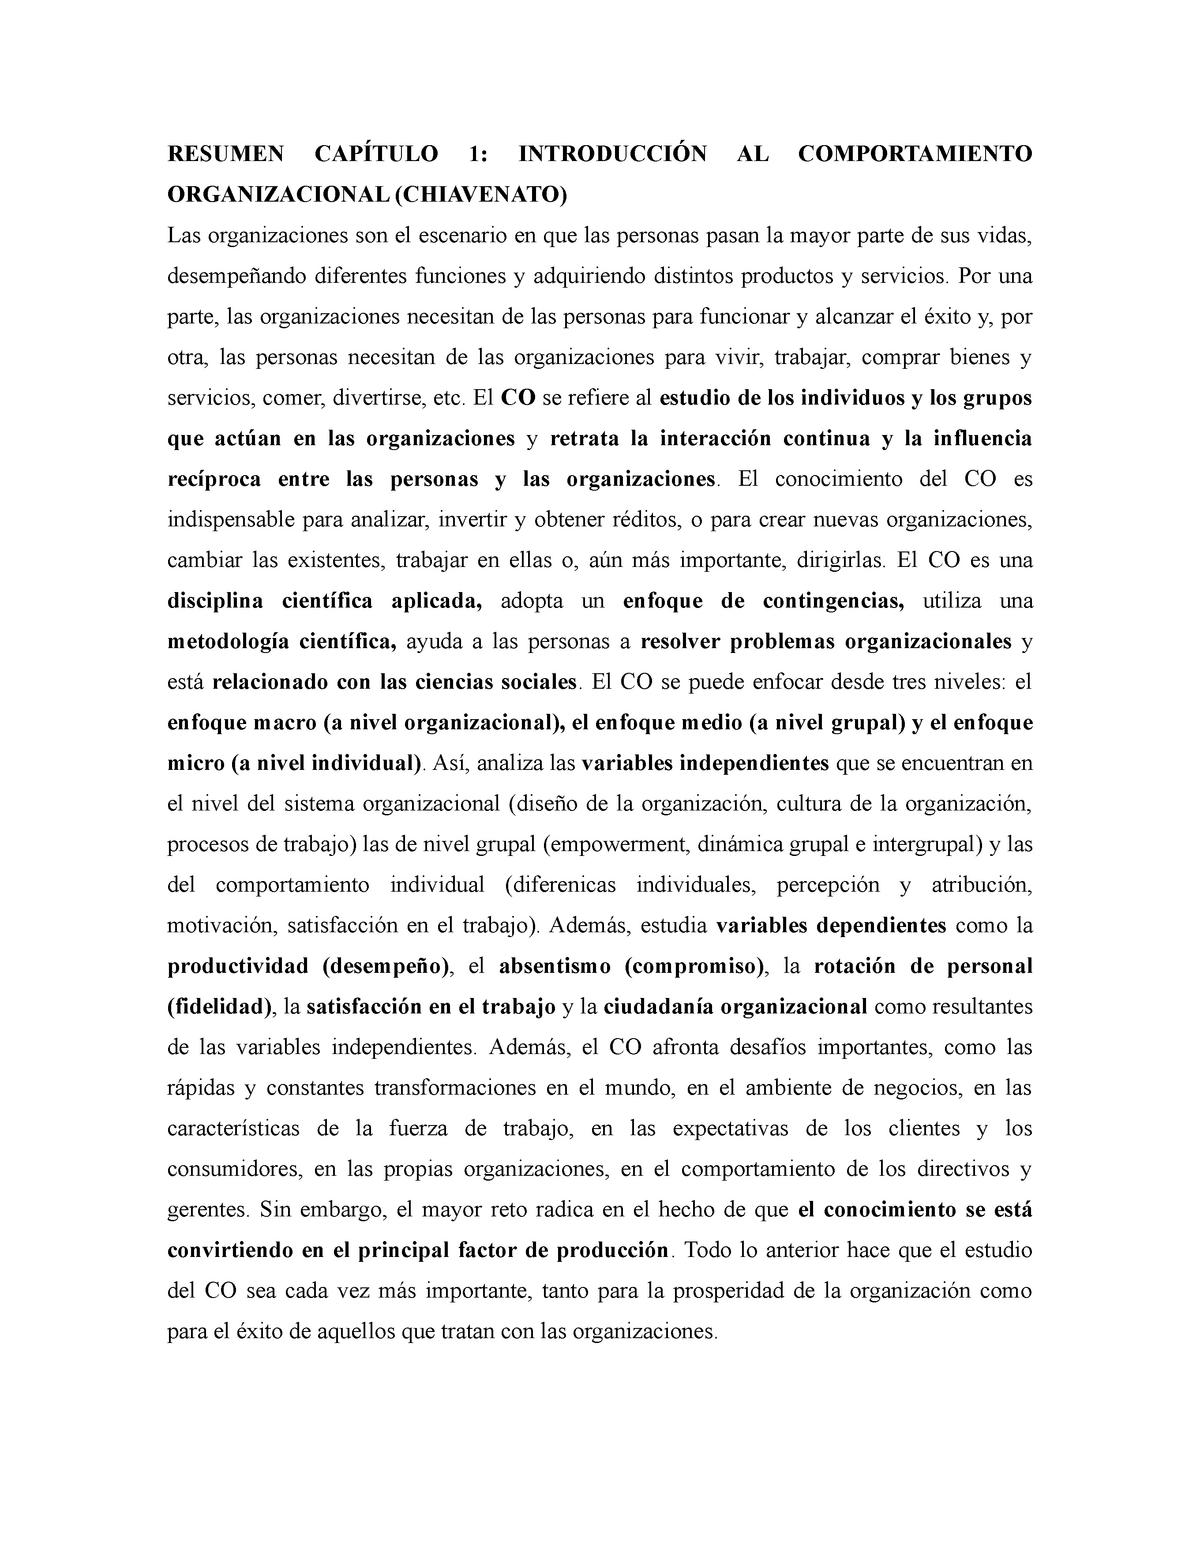 Chiavenato Capítulo 1 Y 2 Psi 362 Pucv Studocu